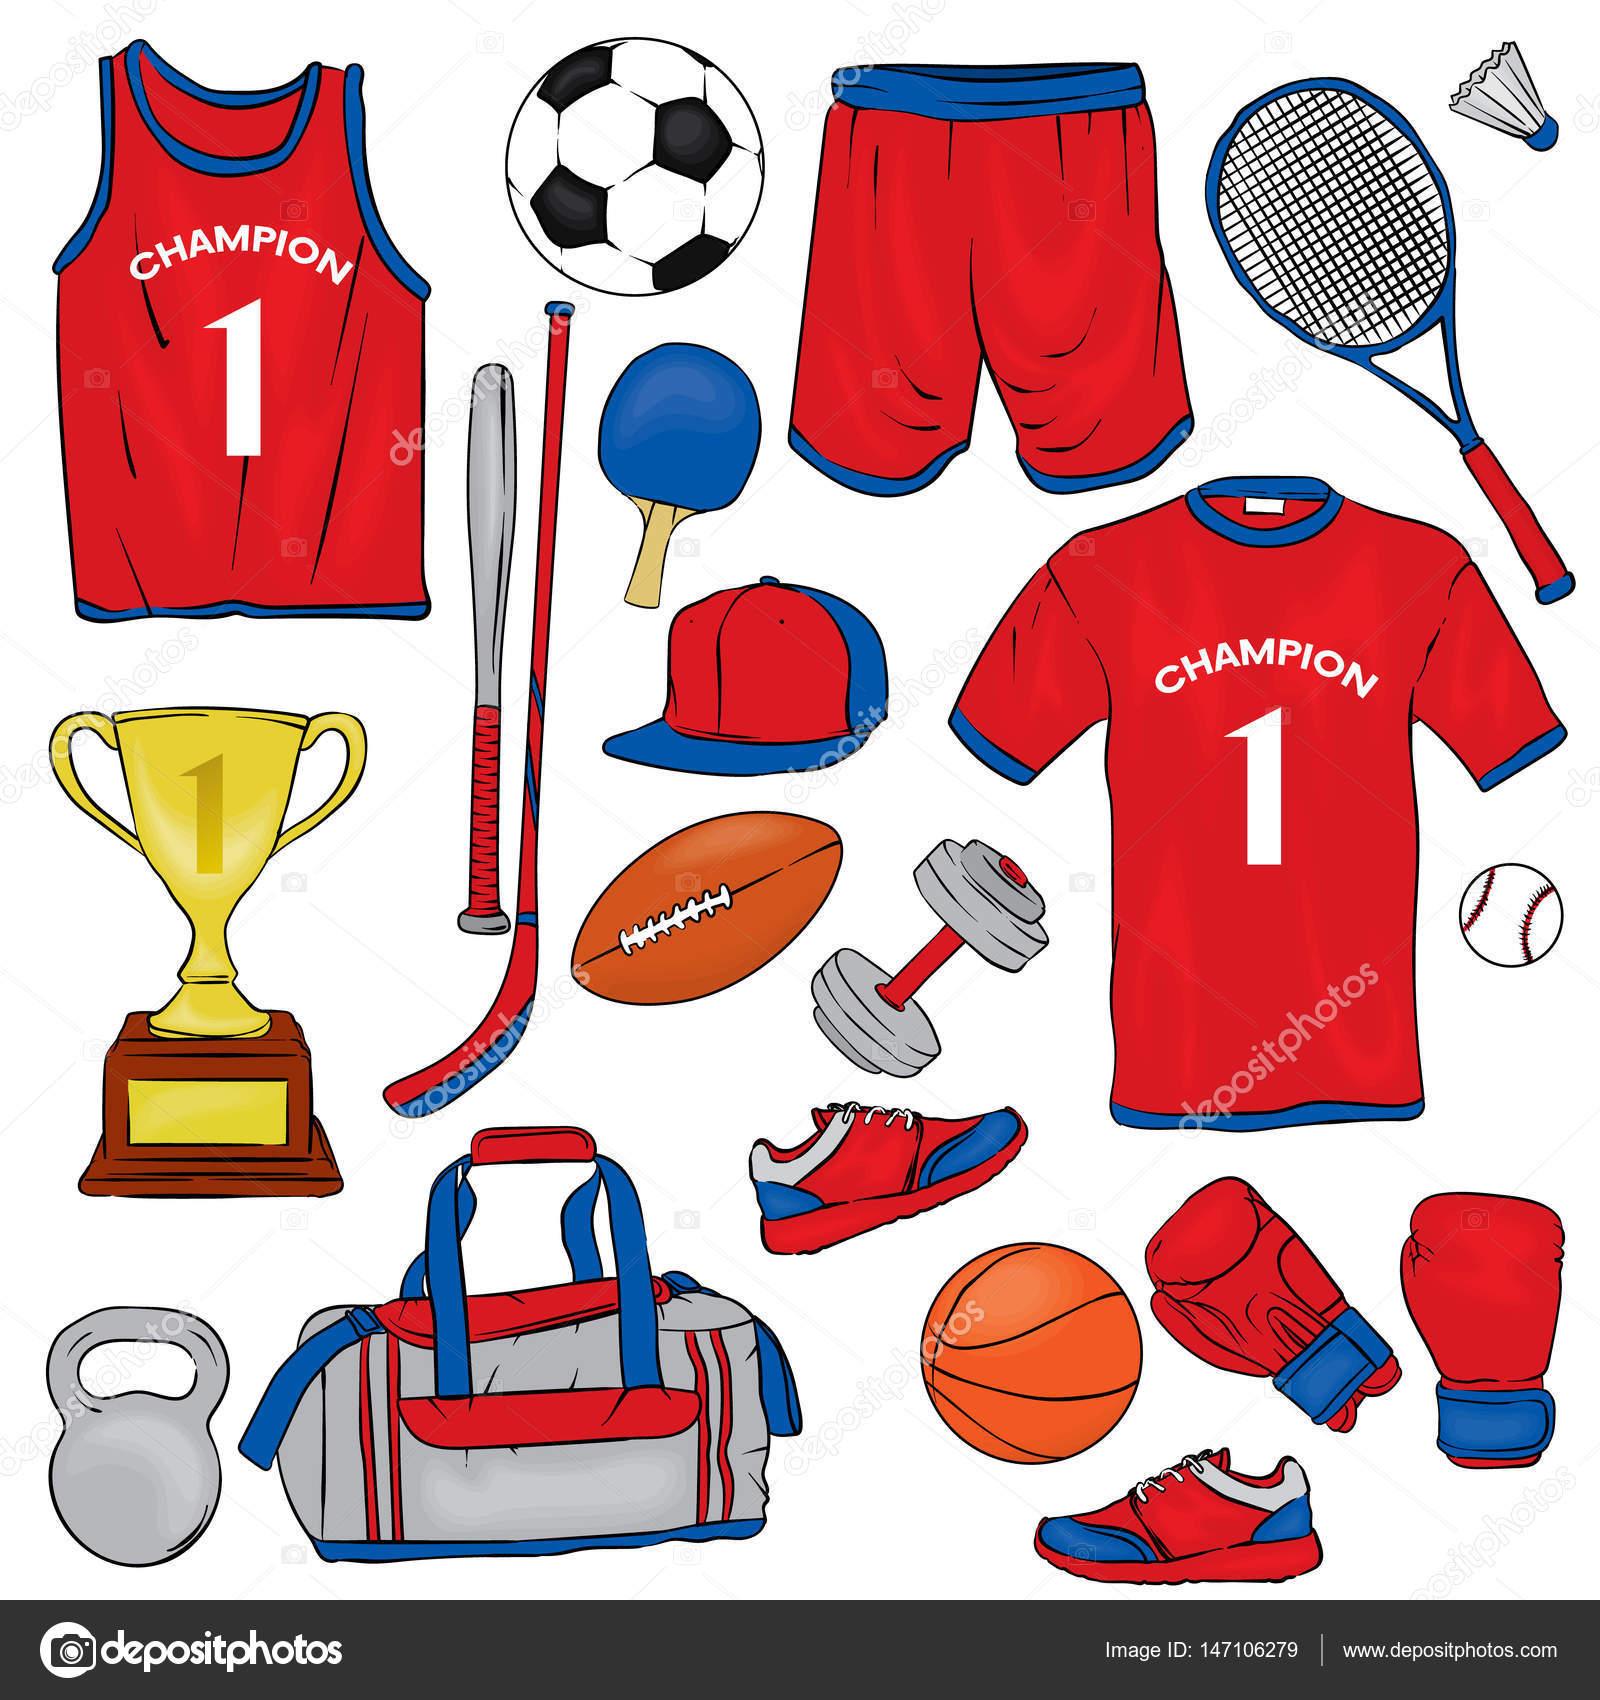 Spor Giyim Ve Spor öğeleri Kümesi. Ti-Spor giyim ve spor öğeleri kümesi. Tişört, şort, spor ayakkabı, çanta,  futbol ve basketbol, başarısız, tenis raketleri, kap, boks eldivenleri ve  kadehi ClipartLook.com -4